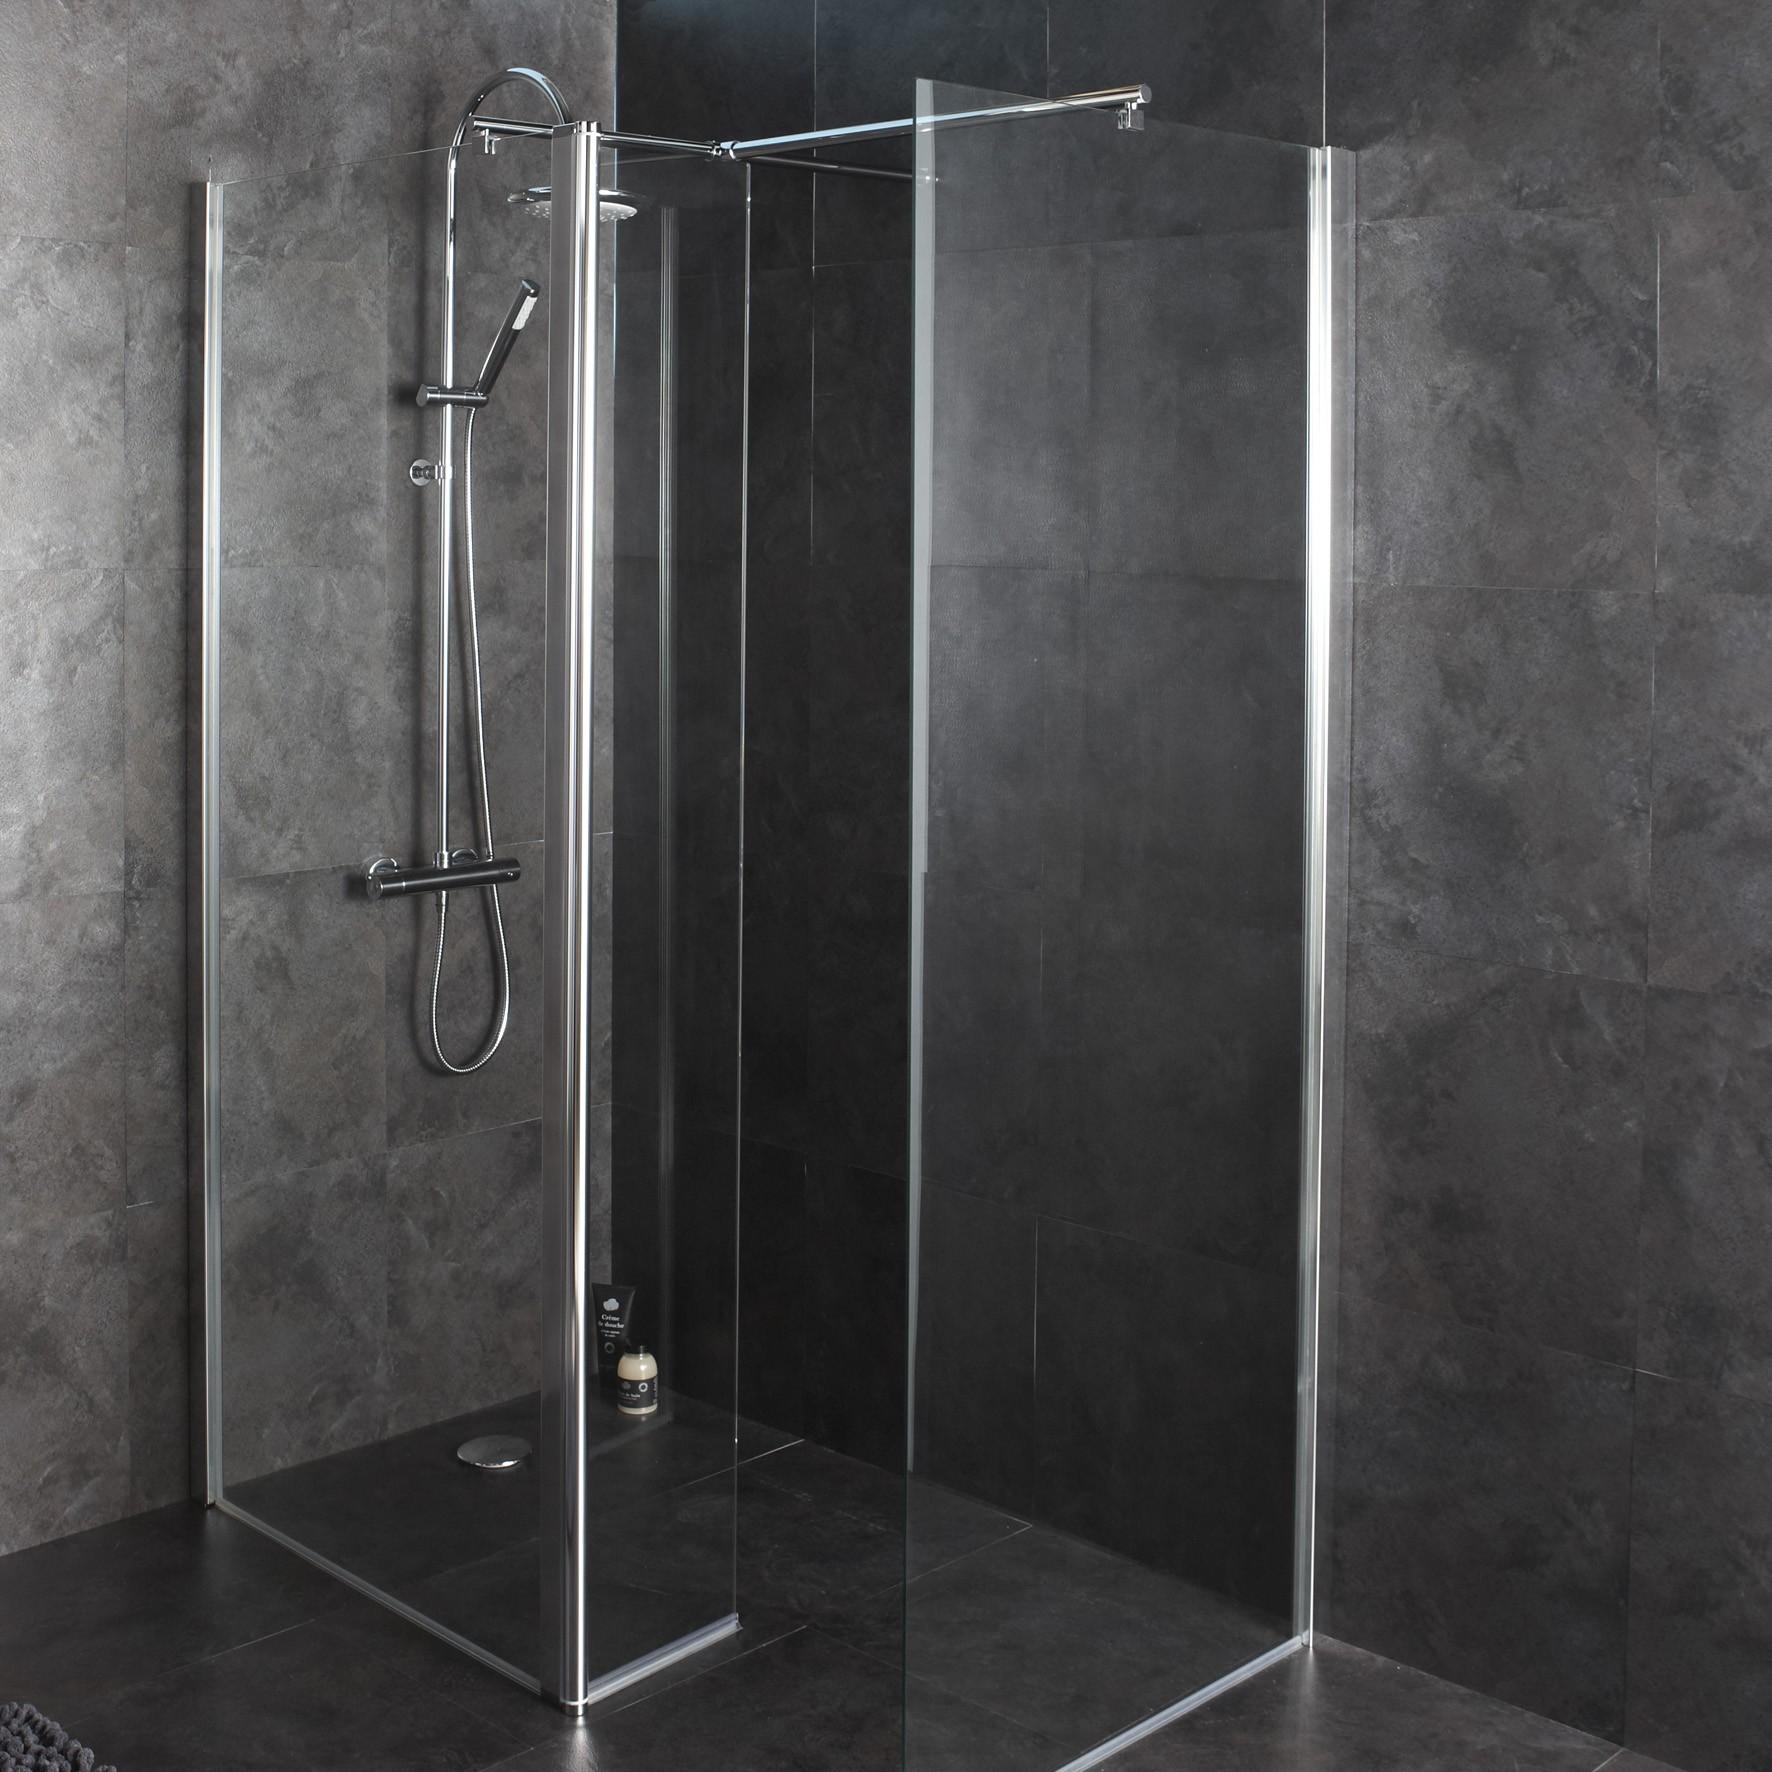 Comment bien choisir sa douche comparatif douches - Porte douche italienne ...